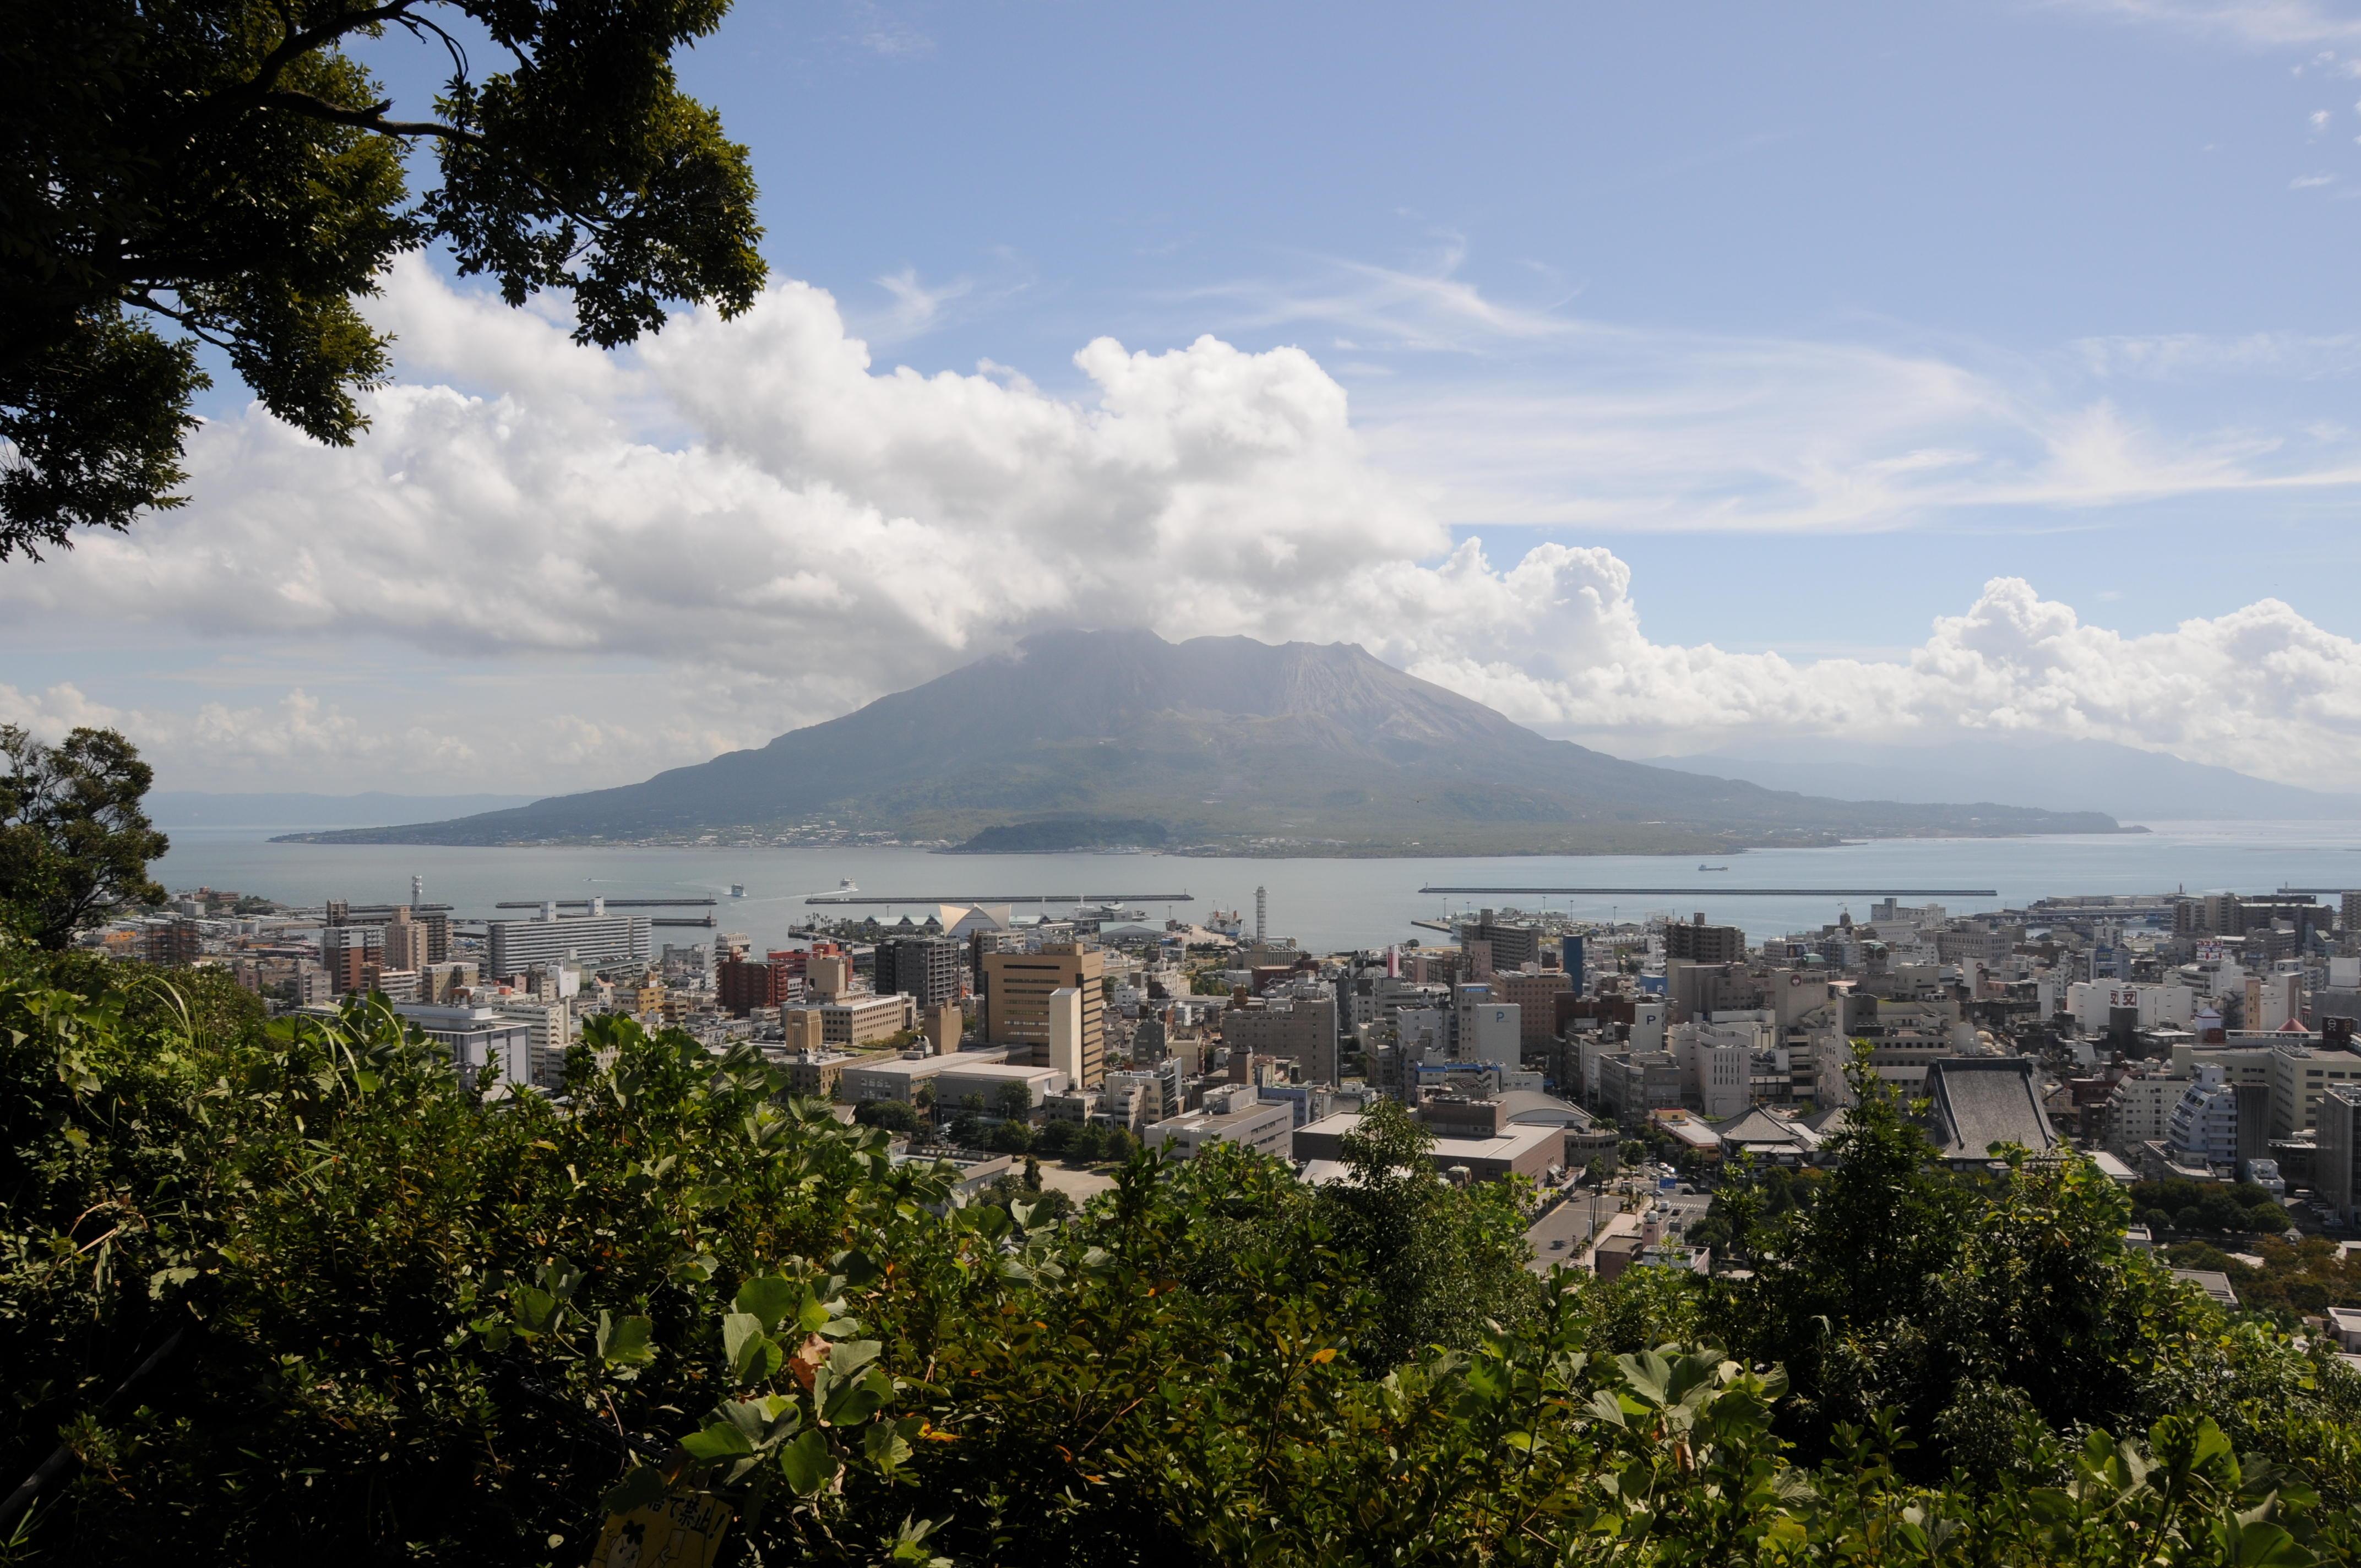 城山からみる桜島